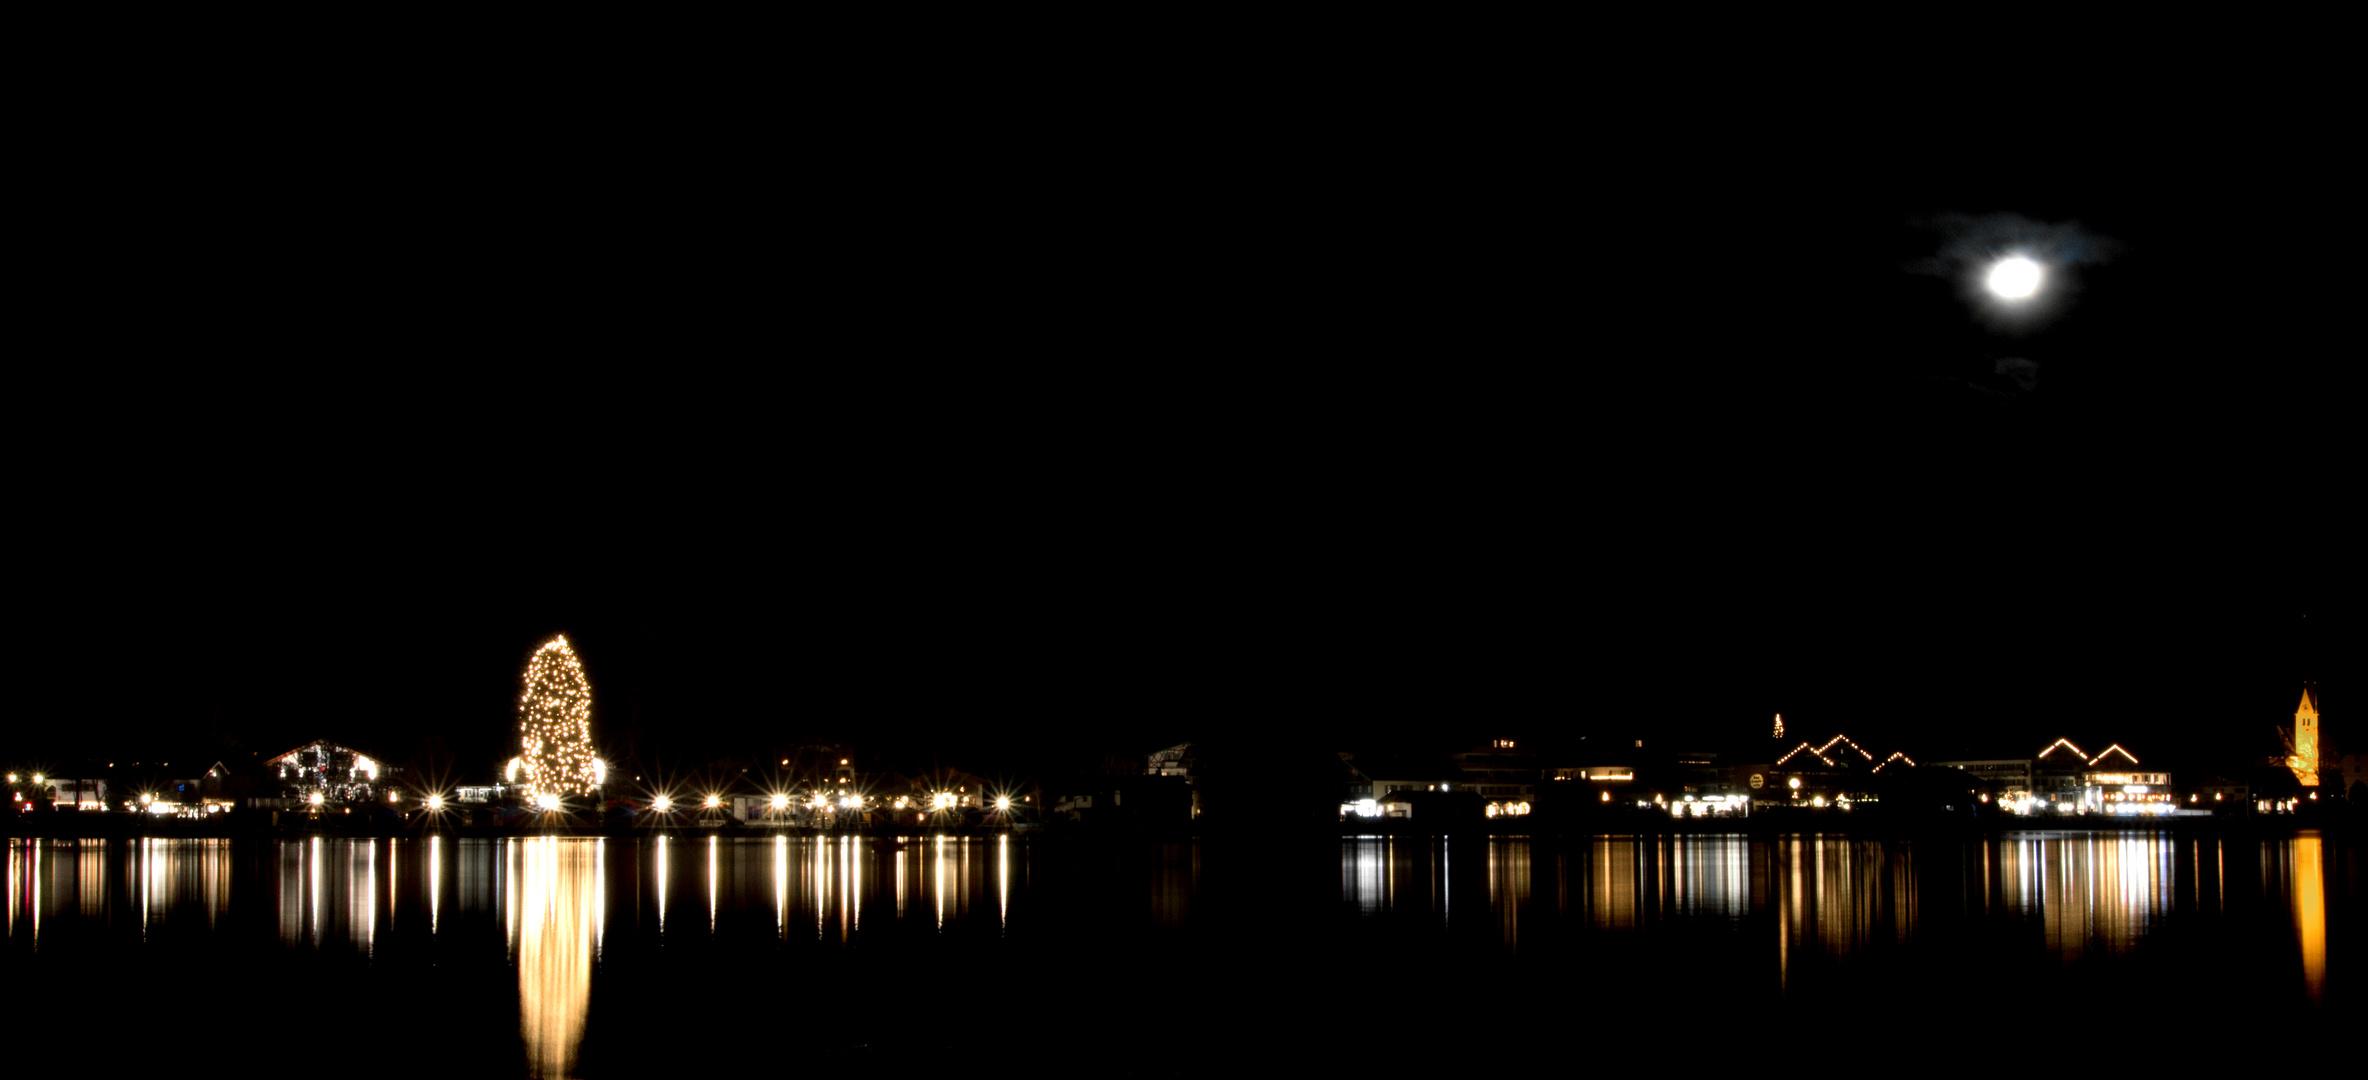 Das Ufer der Seestraße bei Nacht